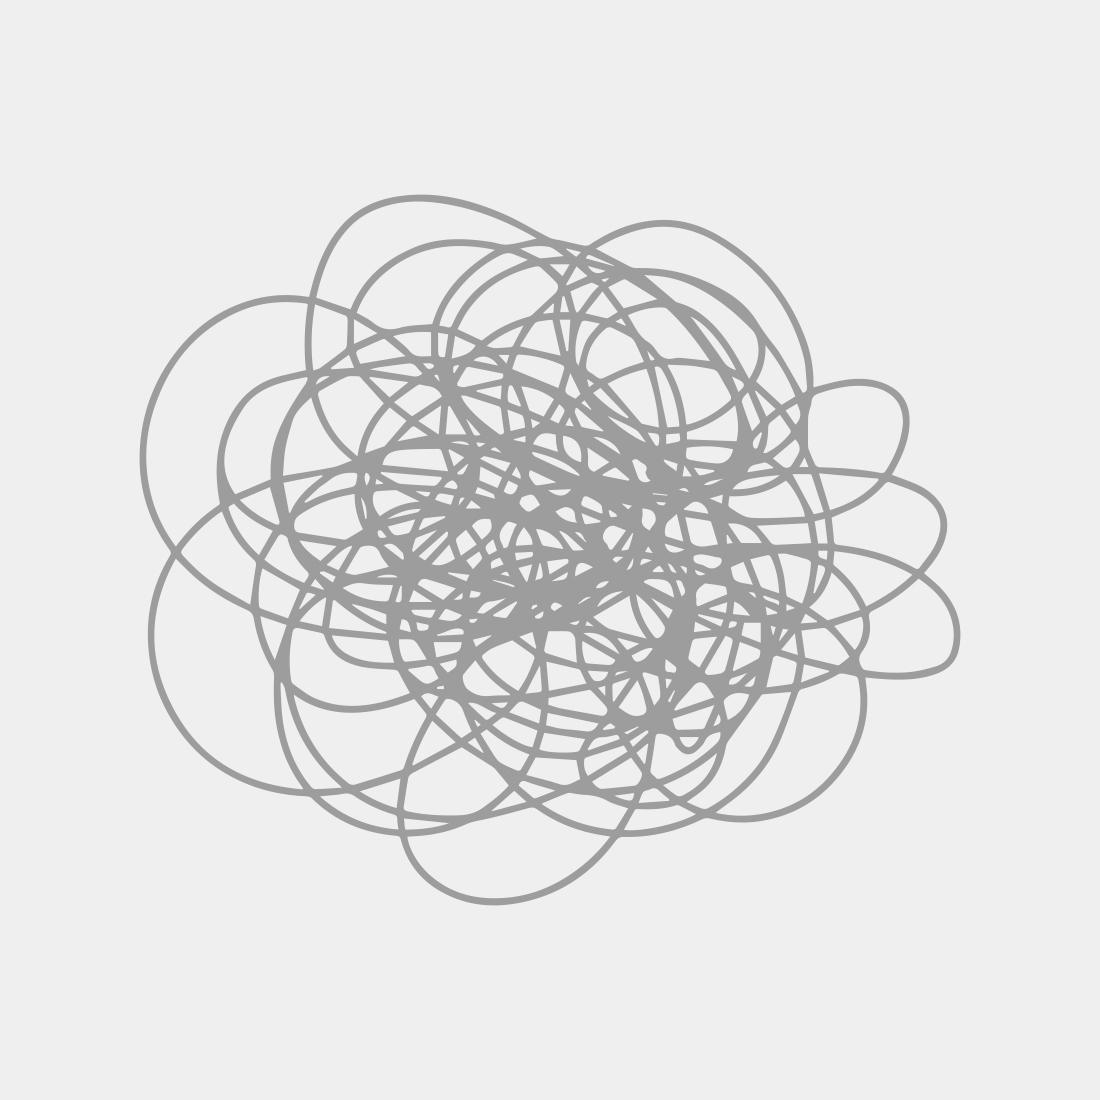 Jock McFadyen Signed Copy